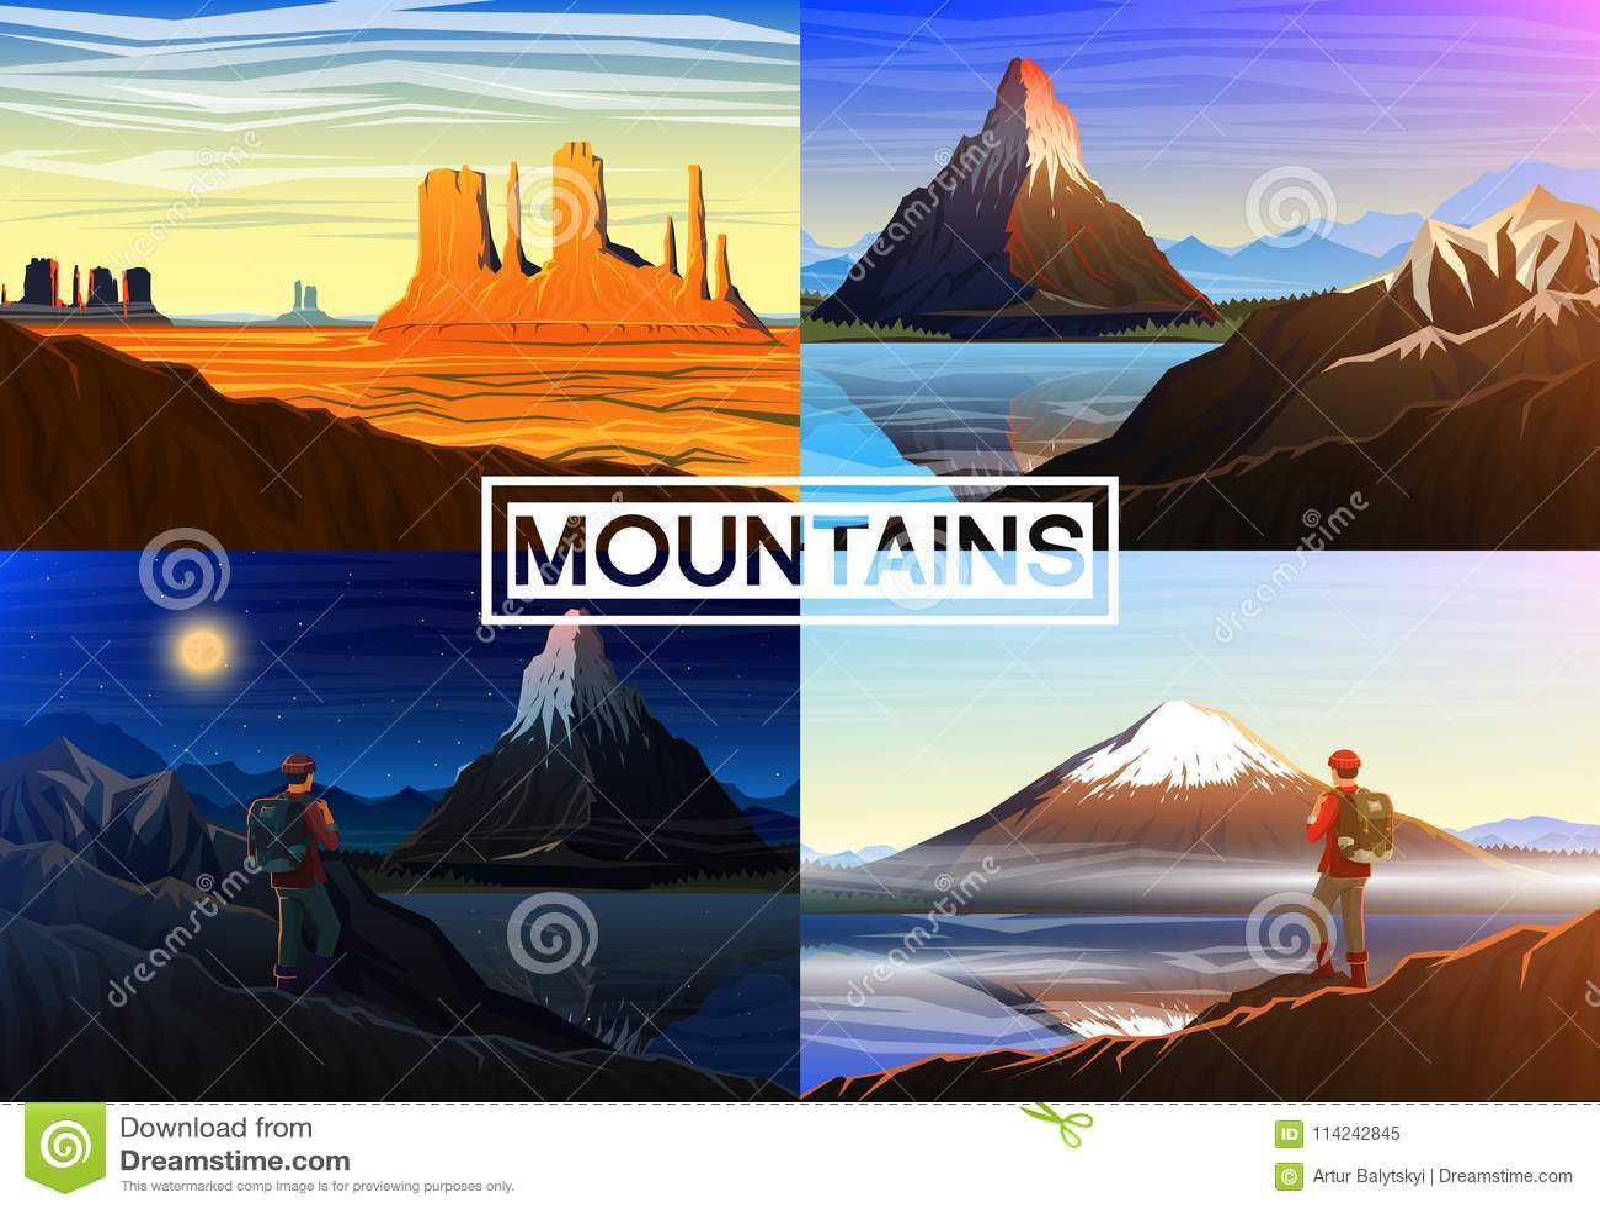 Montanha everest, matterhorn, Fuji com turista, vale do monumento, vista panorâmica da manhã, picos e paisagem outdoor